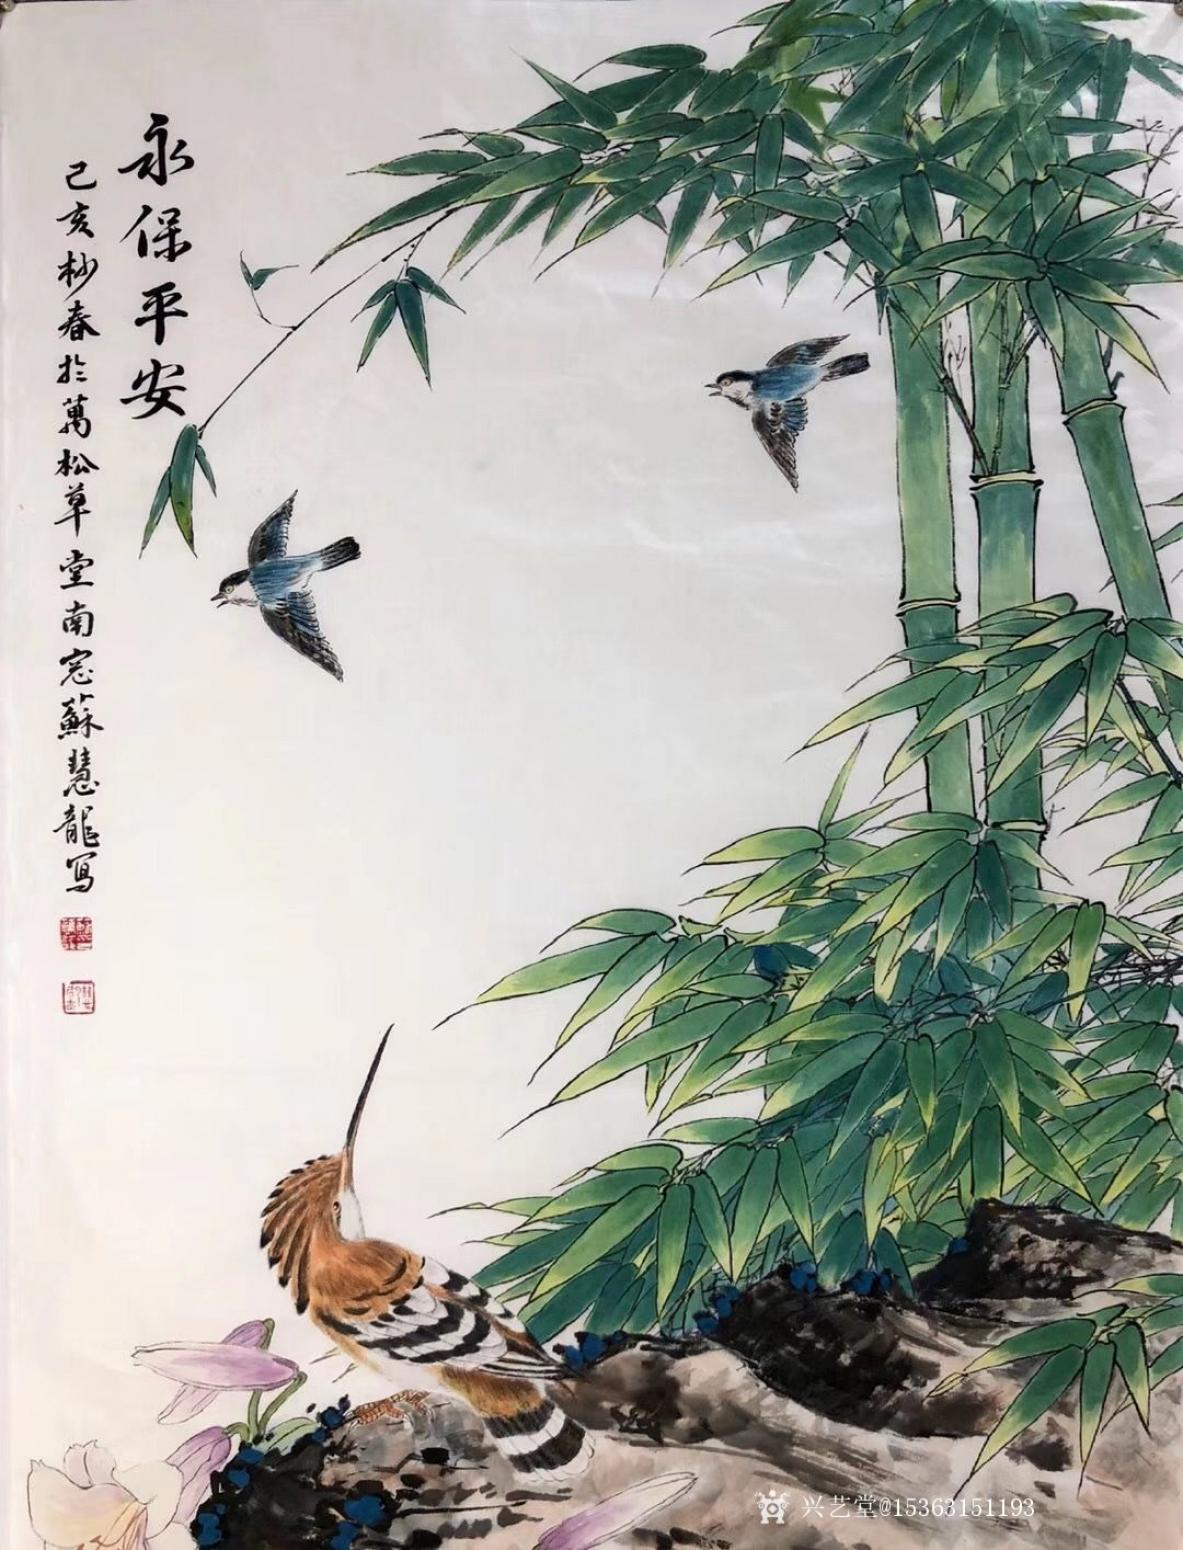 15363151193国画作品《永保平安》【图2】